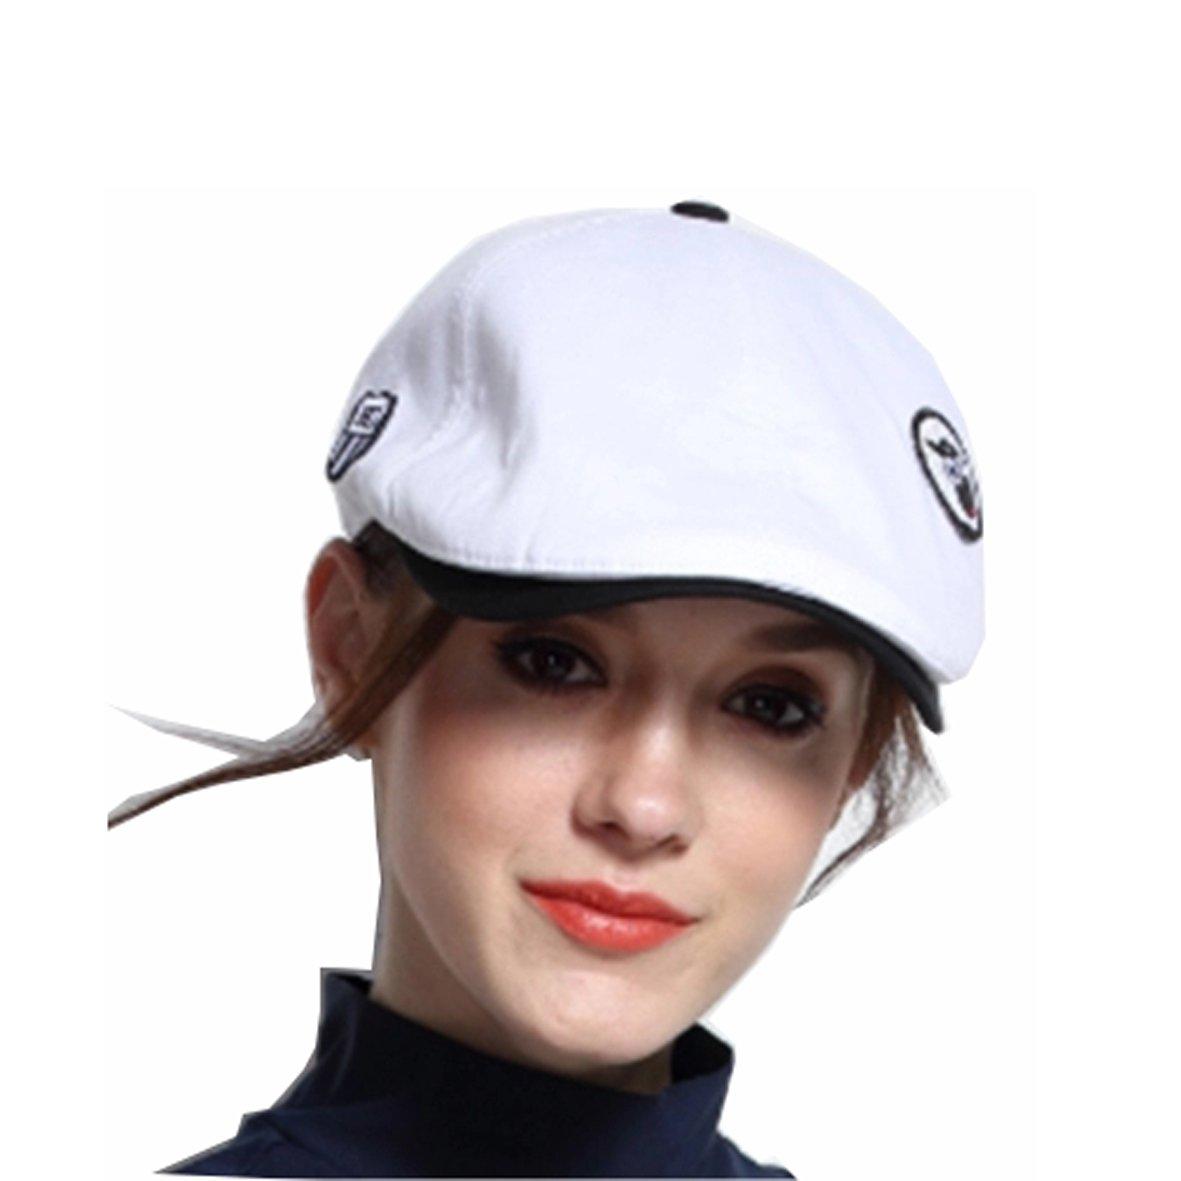 BG Lightweight Golf Cap for Women Summer Cap Sports Golf Running Tennis Hat Golf Bere Caps